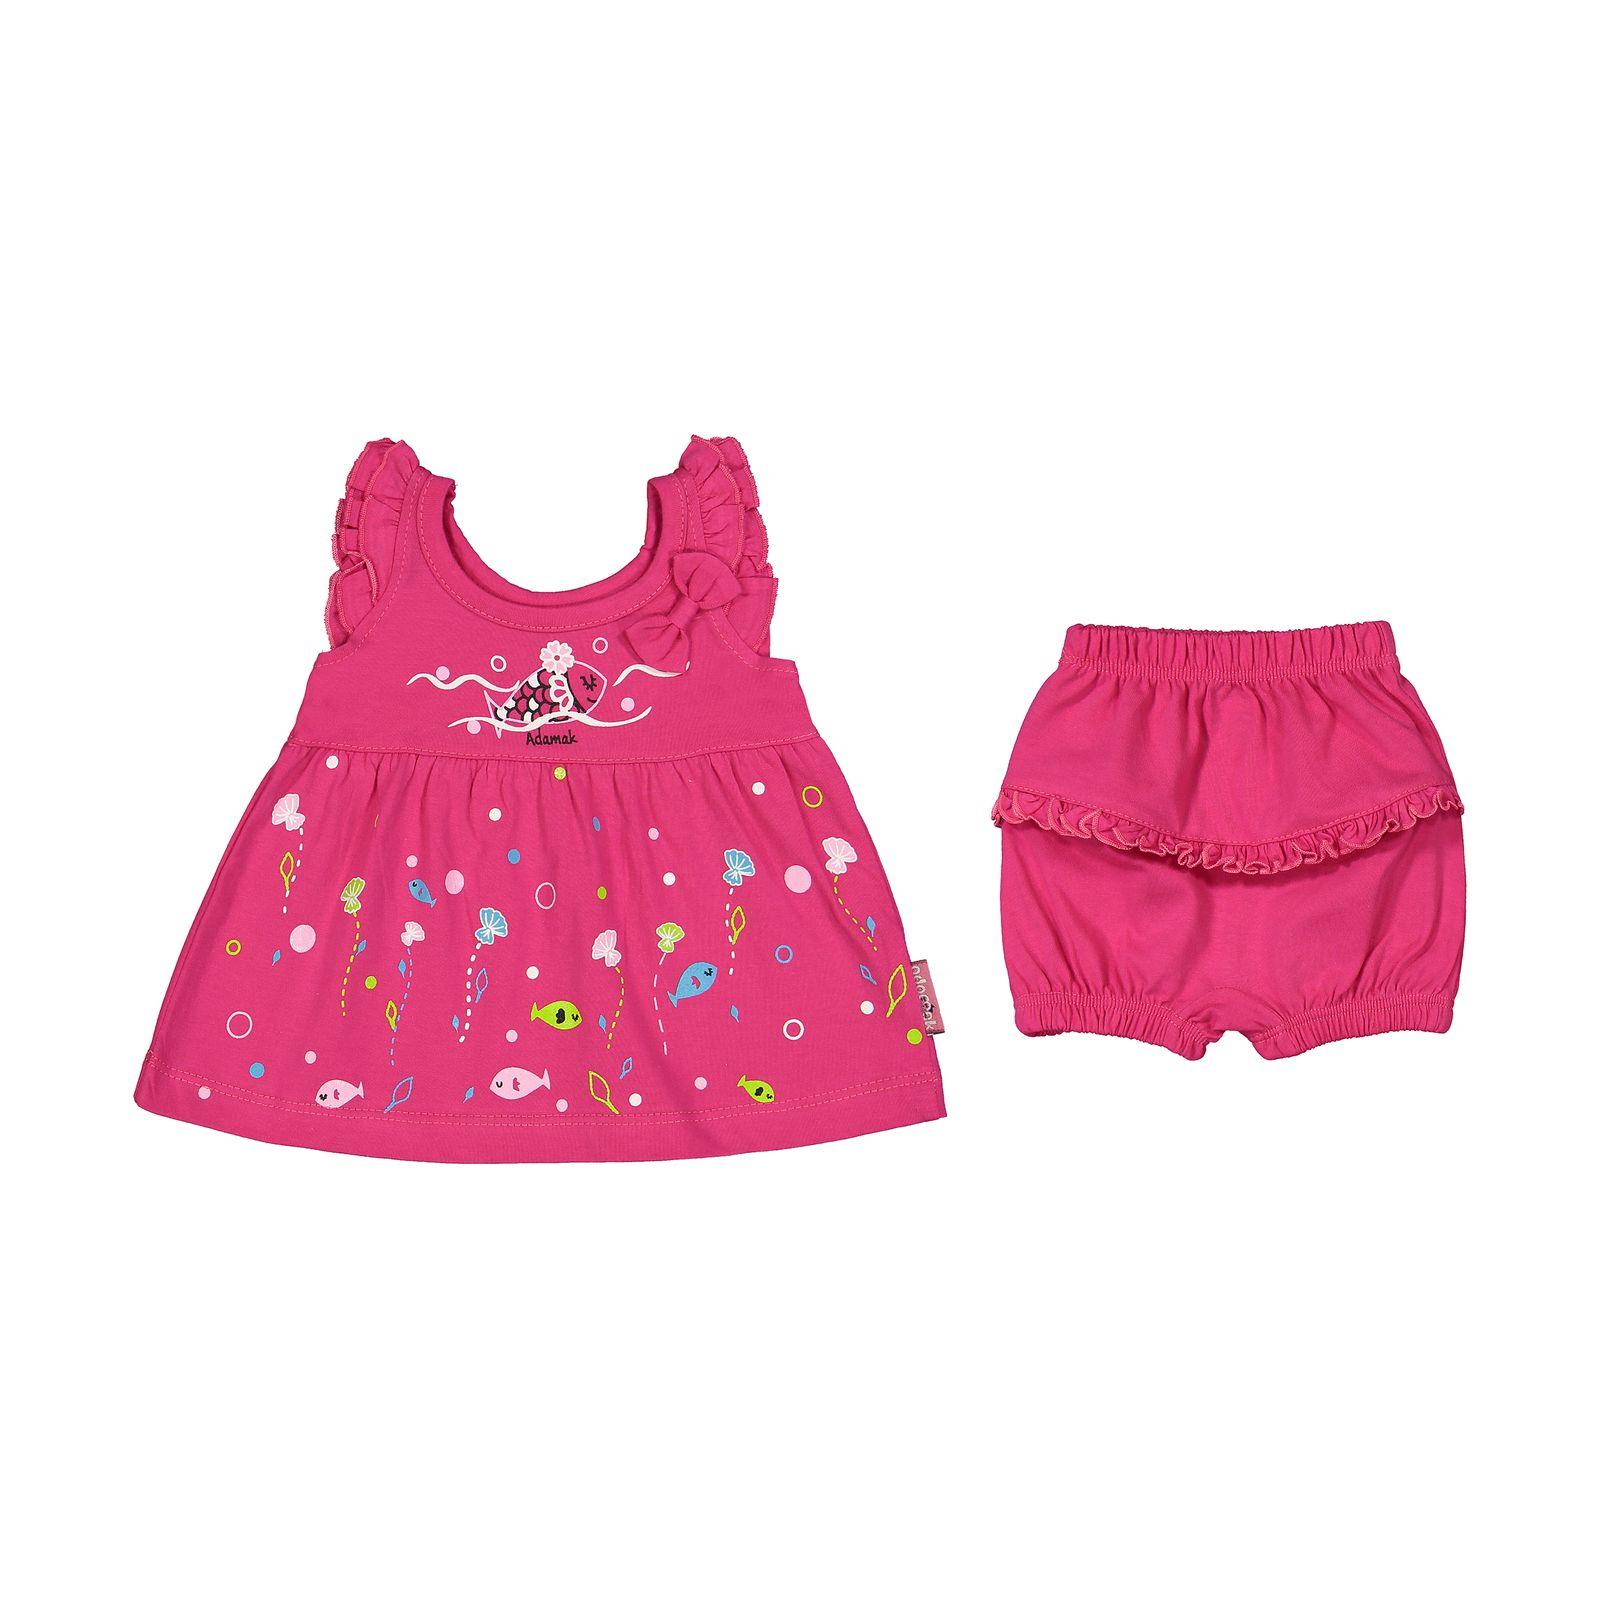 ست پیراهن و شورت نوزادی دخترانه مدل 2171111-88 -  - 3